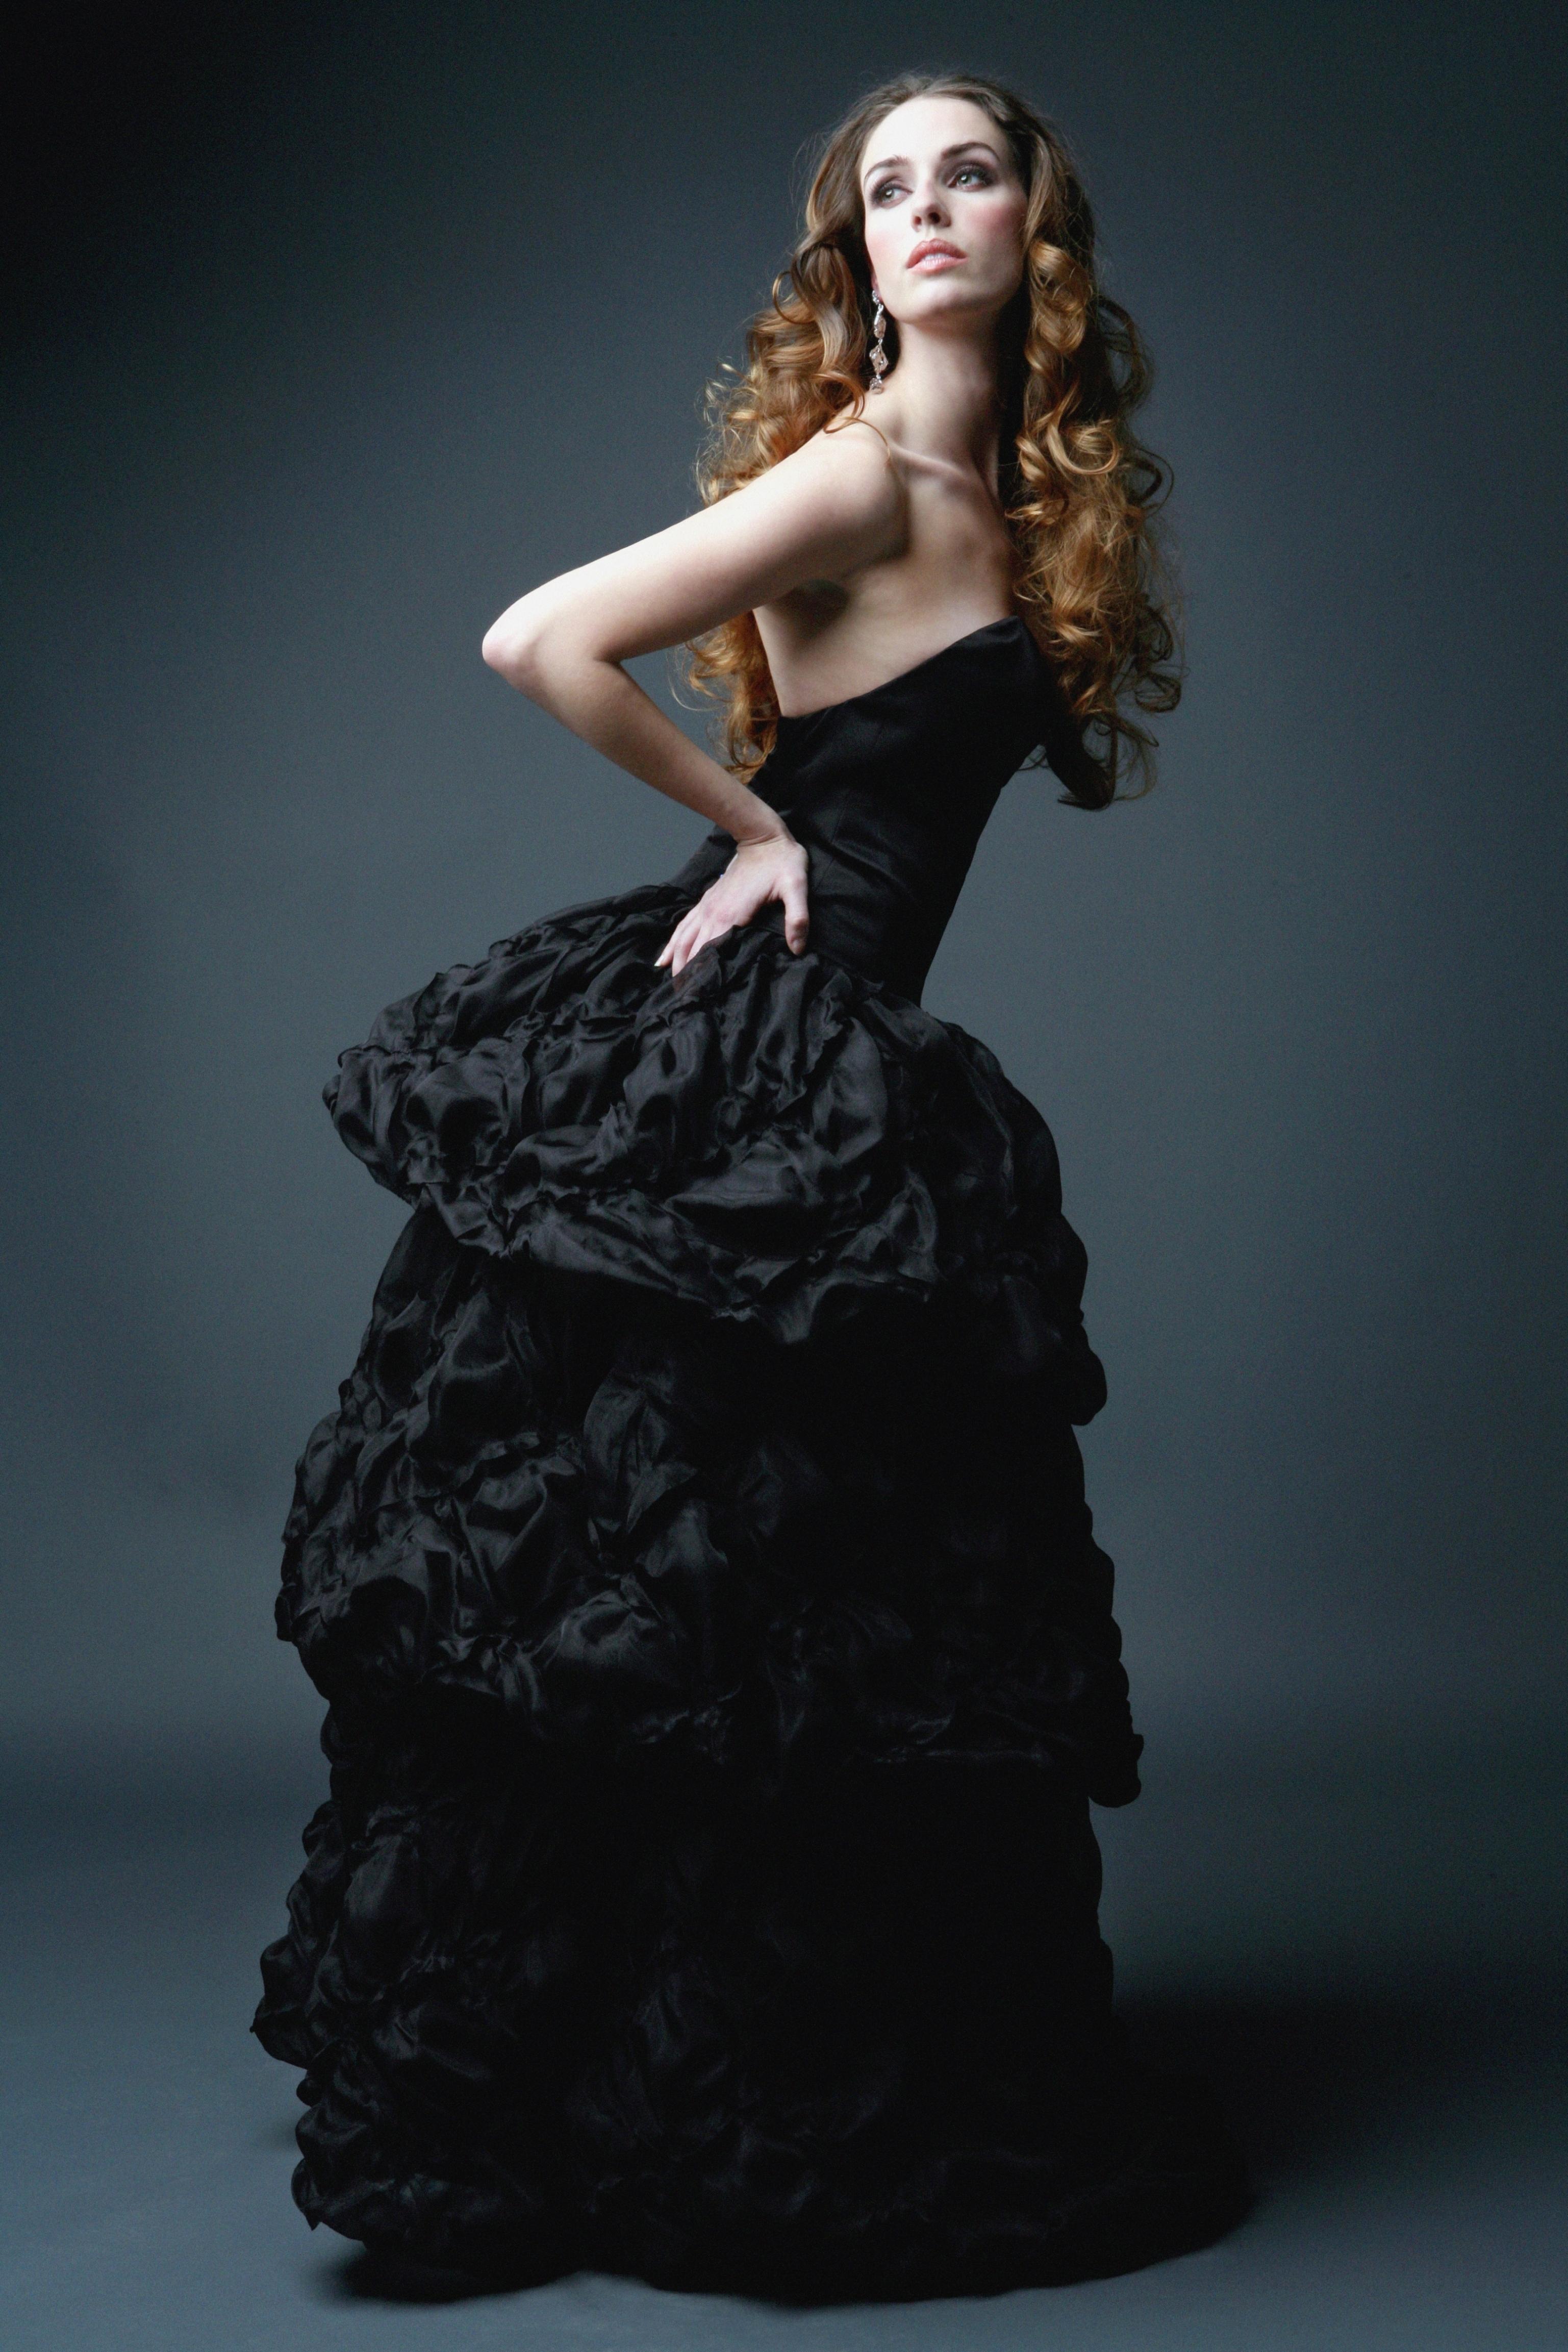 Wedding Dresses, Fashion, black, dress